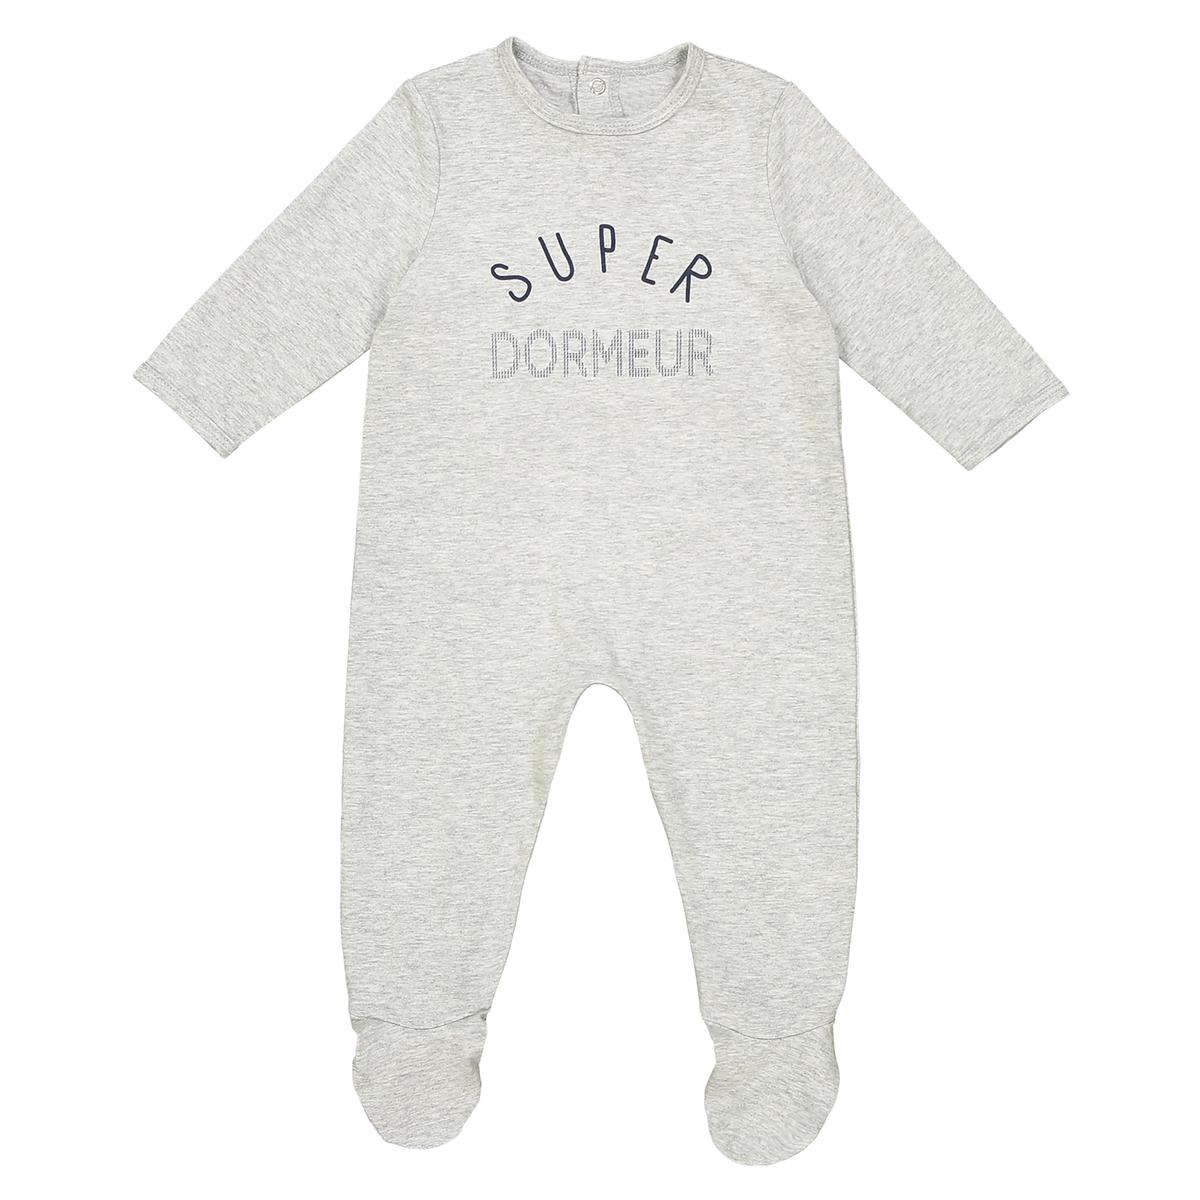 Пижама с рисунком спереди, 0 мес. - 3 года, знак Oeko TexОписание:Пижама с принтом SUPER DORMEUR сделает сон вашего ребёнка более приятным ! Детали •  Пижама с длинными рукавами и штанинами. •  Принт спереди : SUPER DORMEUR. •  Носки с противоскользящими элементами для размеров от 12 месяцев  (74 см).  •  Застежка на кнопки сзади. •  Круглый вырез.Состав и уход •  Материал : 100% хлопок. •  Стирать при температуре 30° на деликатном режиме с вещами схожих цветов. •  Стирать и гладить с изнанки при низкой температуре. •  Машинная сушка запрещена.Товарный знак Oeko-Tex® . Знак Oeko-Tex® гарантирует, что товары прошли проверку и были изготовлены без применения вредных для здоровья человека веществ.<br><br>Цвет: серый меланж<br>Размер: 18 мес. - 81 см.6 мес. - 67 см.2 года - 86 см.0 мес. - 50 см.1 год - 74 см.3 мес. - 60 см.3 года - 94 см.9 мес. - 71 см.1 мес. - 54 см